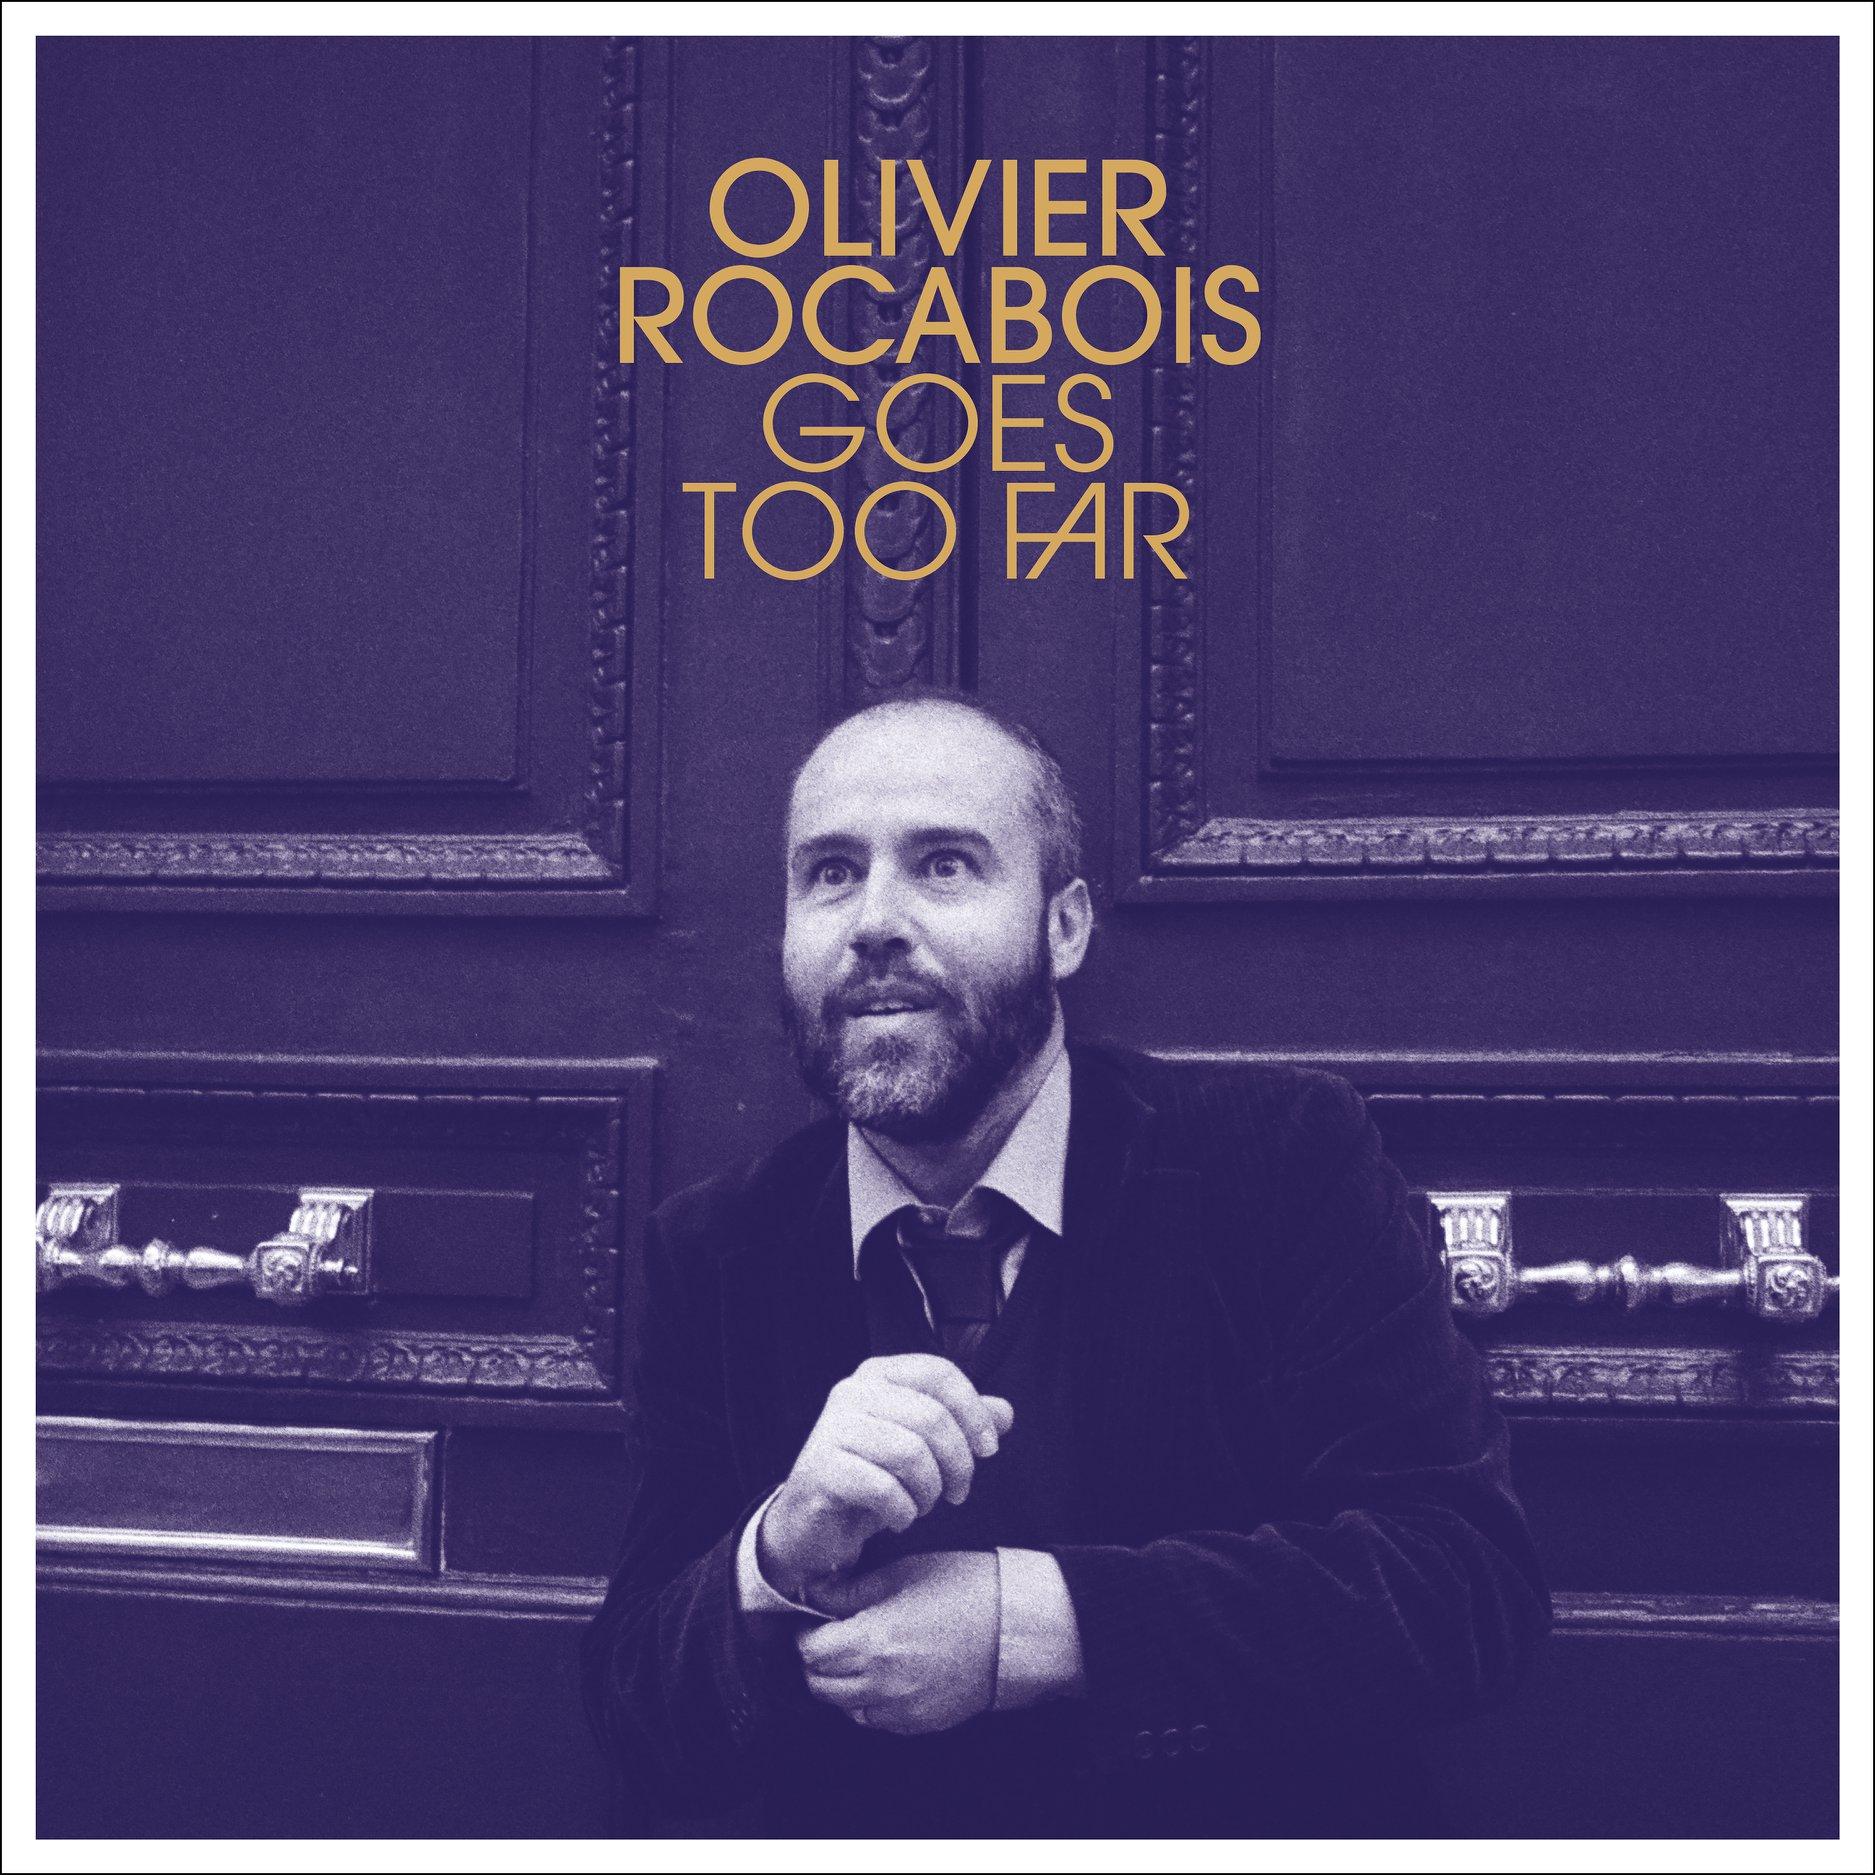 Olivier Rocabois – Olivier Rocabois Goes Too Far